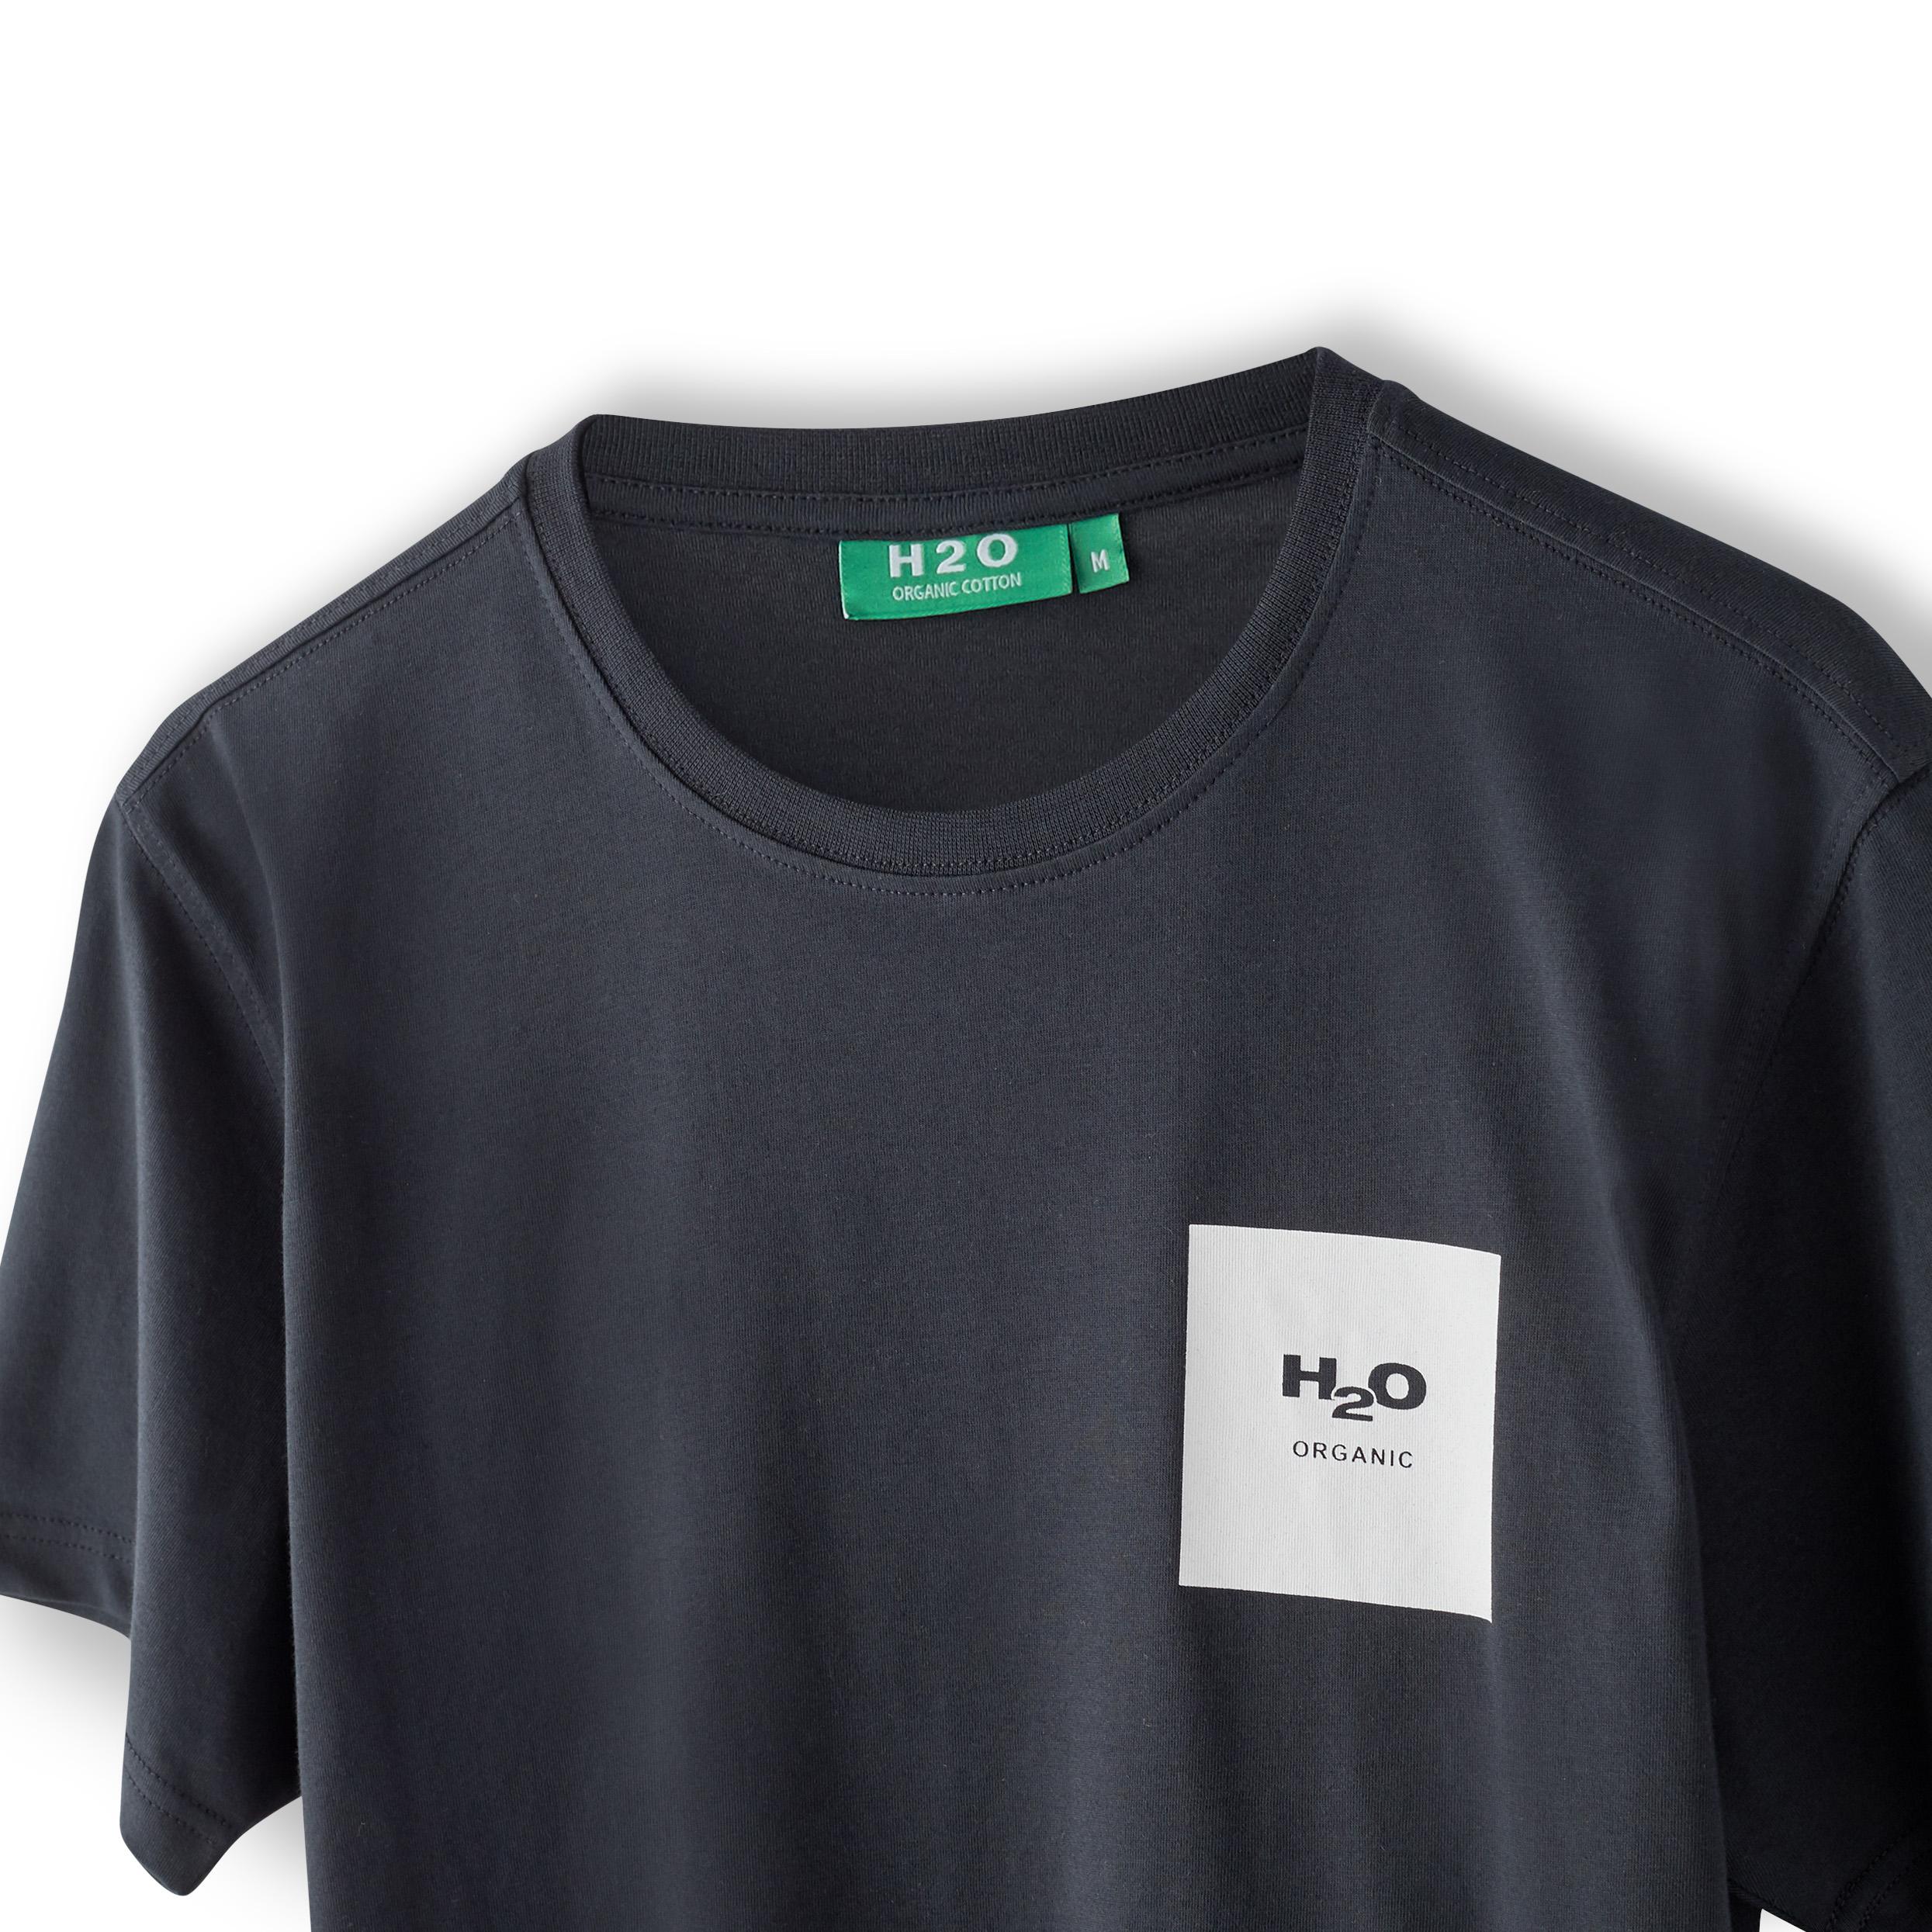 H2O Lyø t-shirt, navy/white, x-small